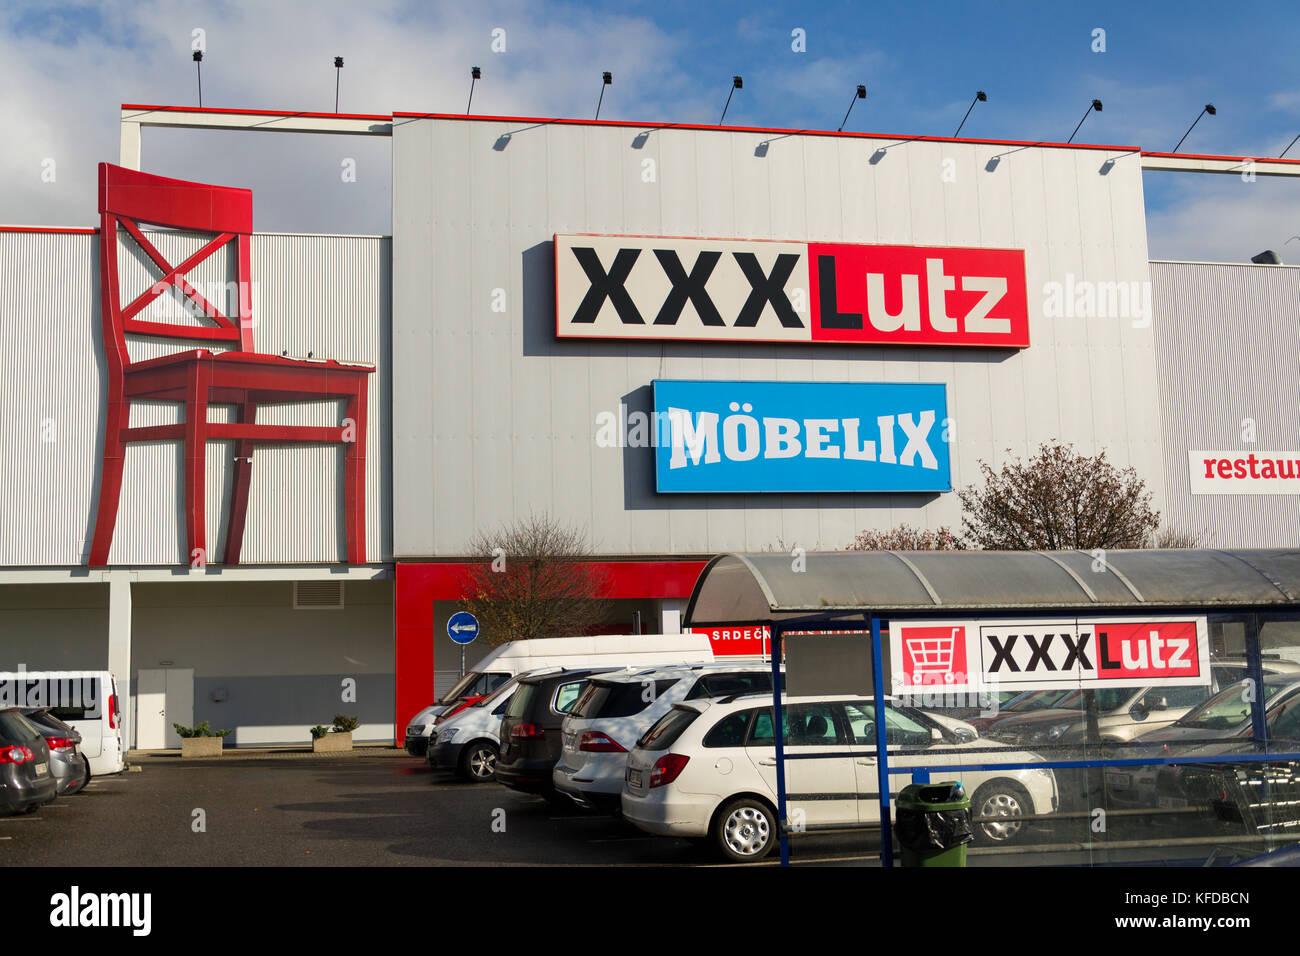 Xxxlutz Stockfotos Xxxlutz Bilder Alamy